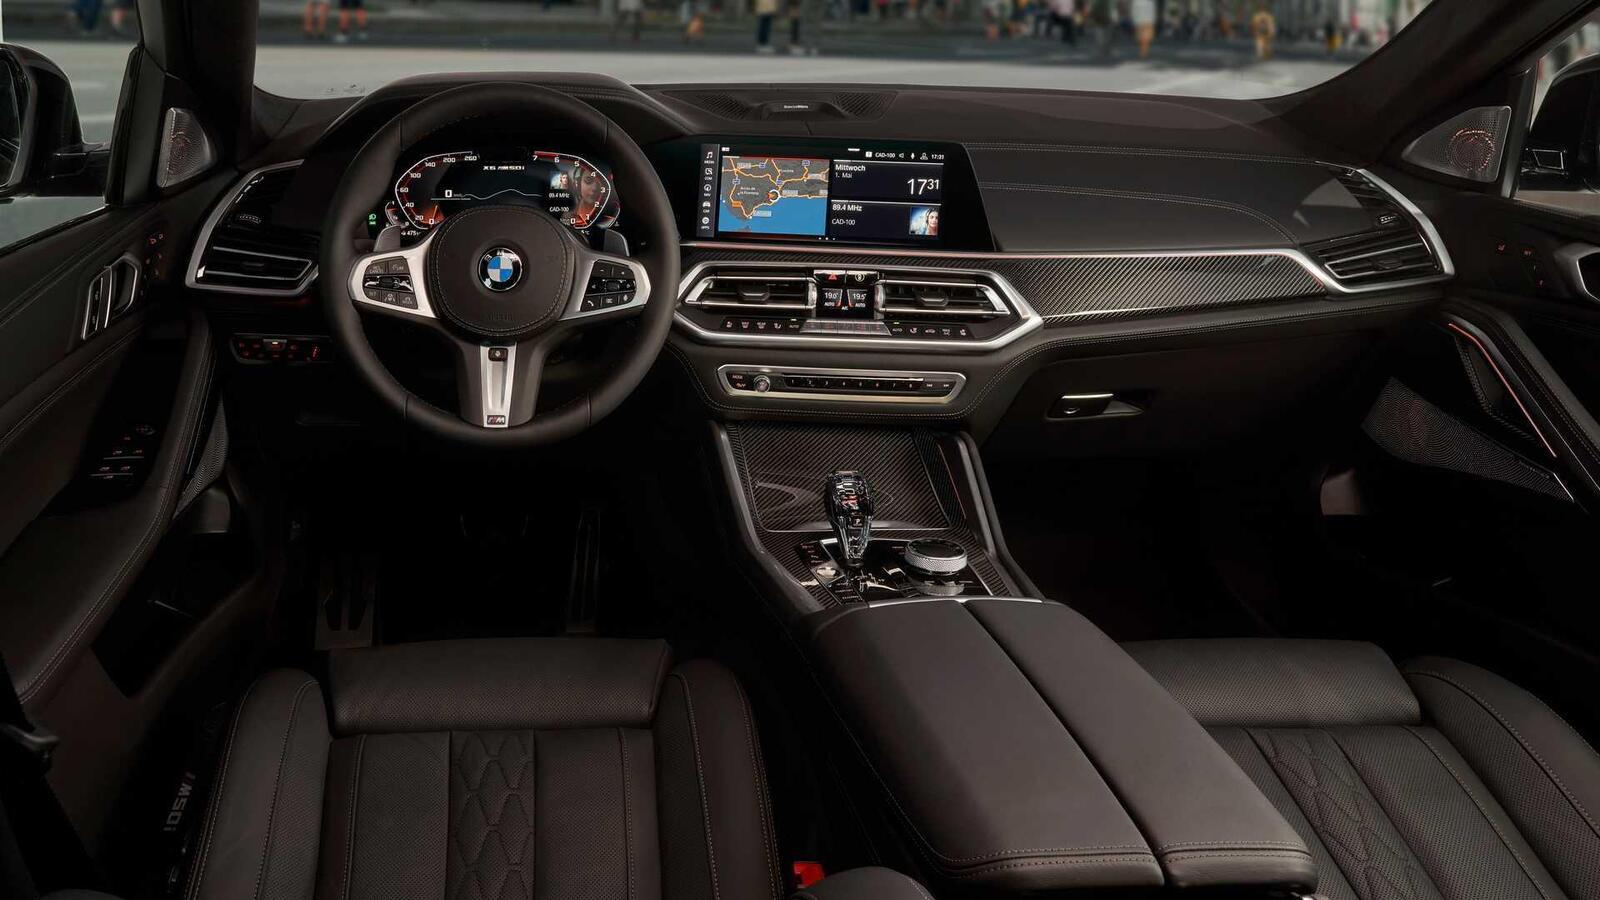 Thế hệ mới BMW X6 2020 chính thức ra mắt - Hình 4